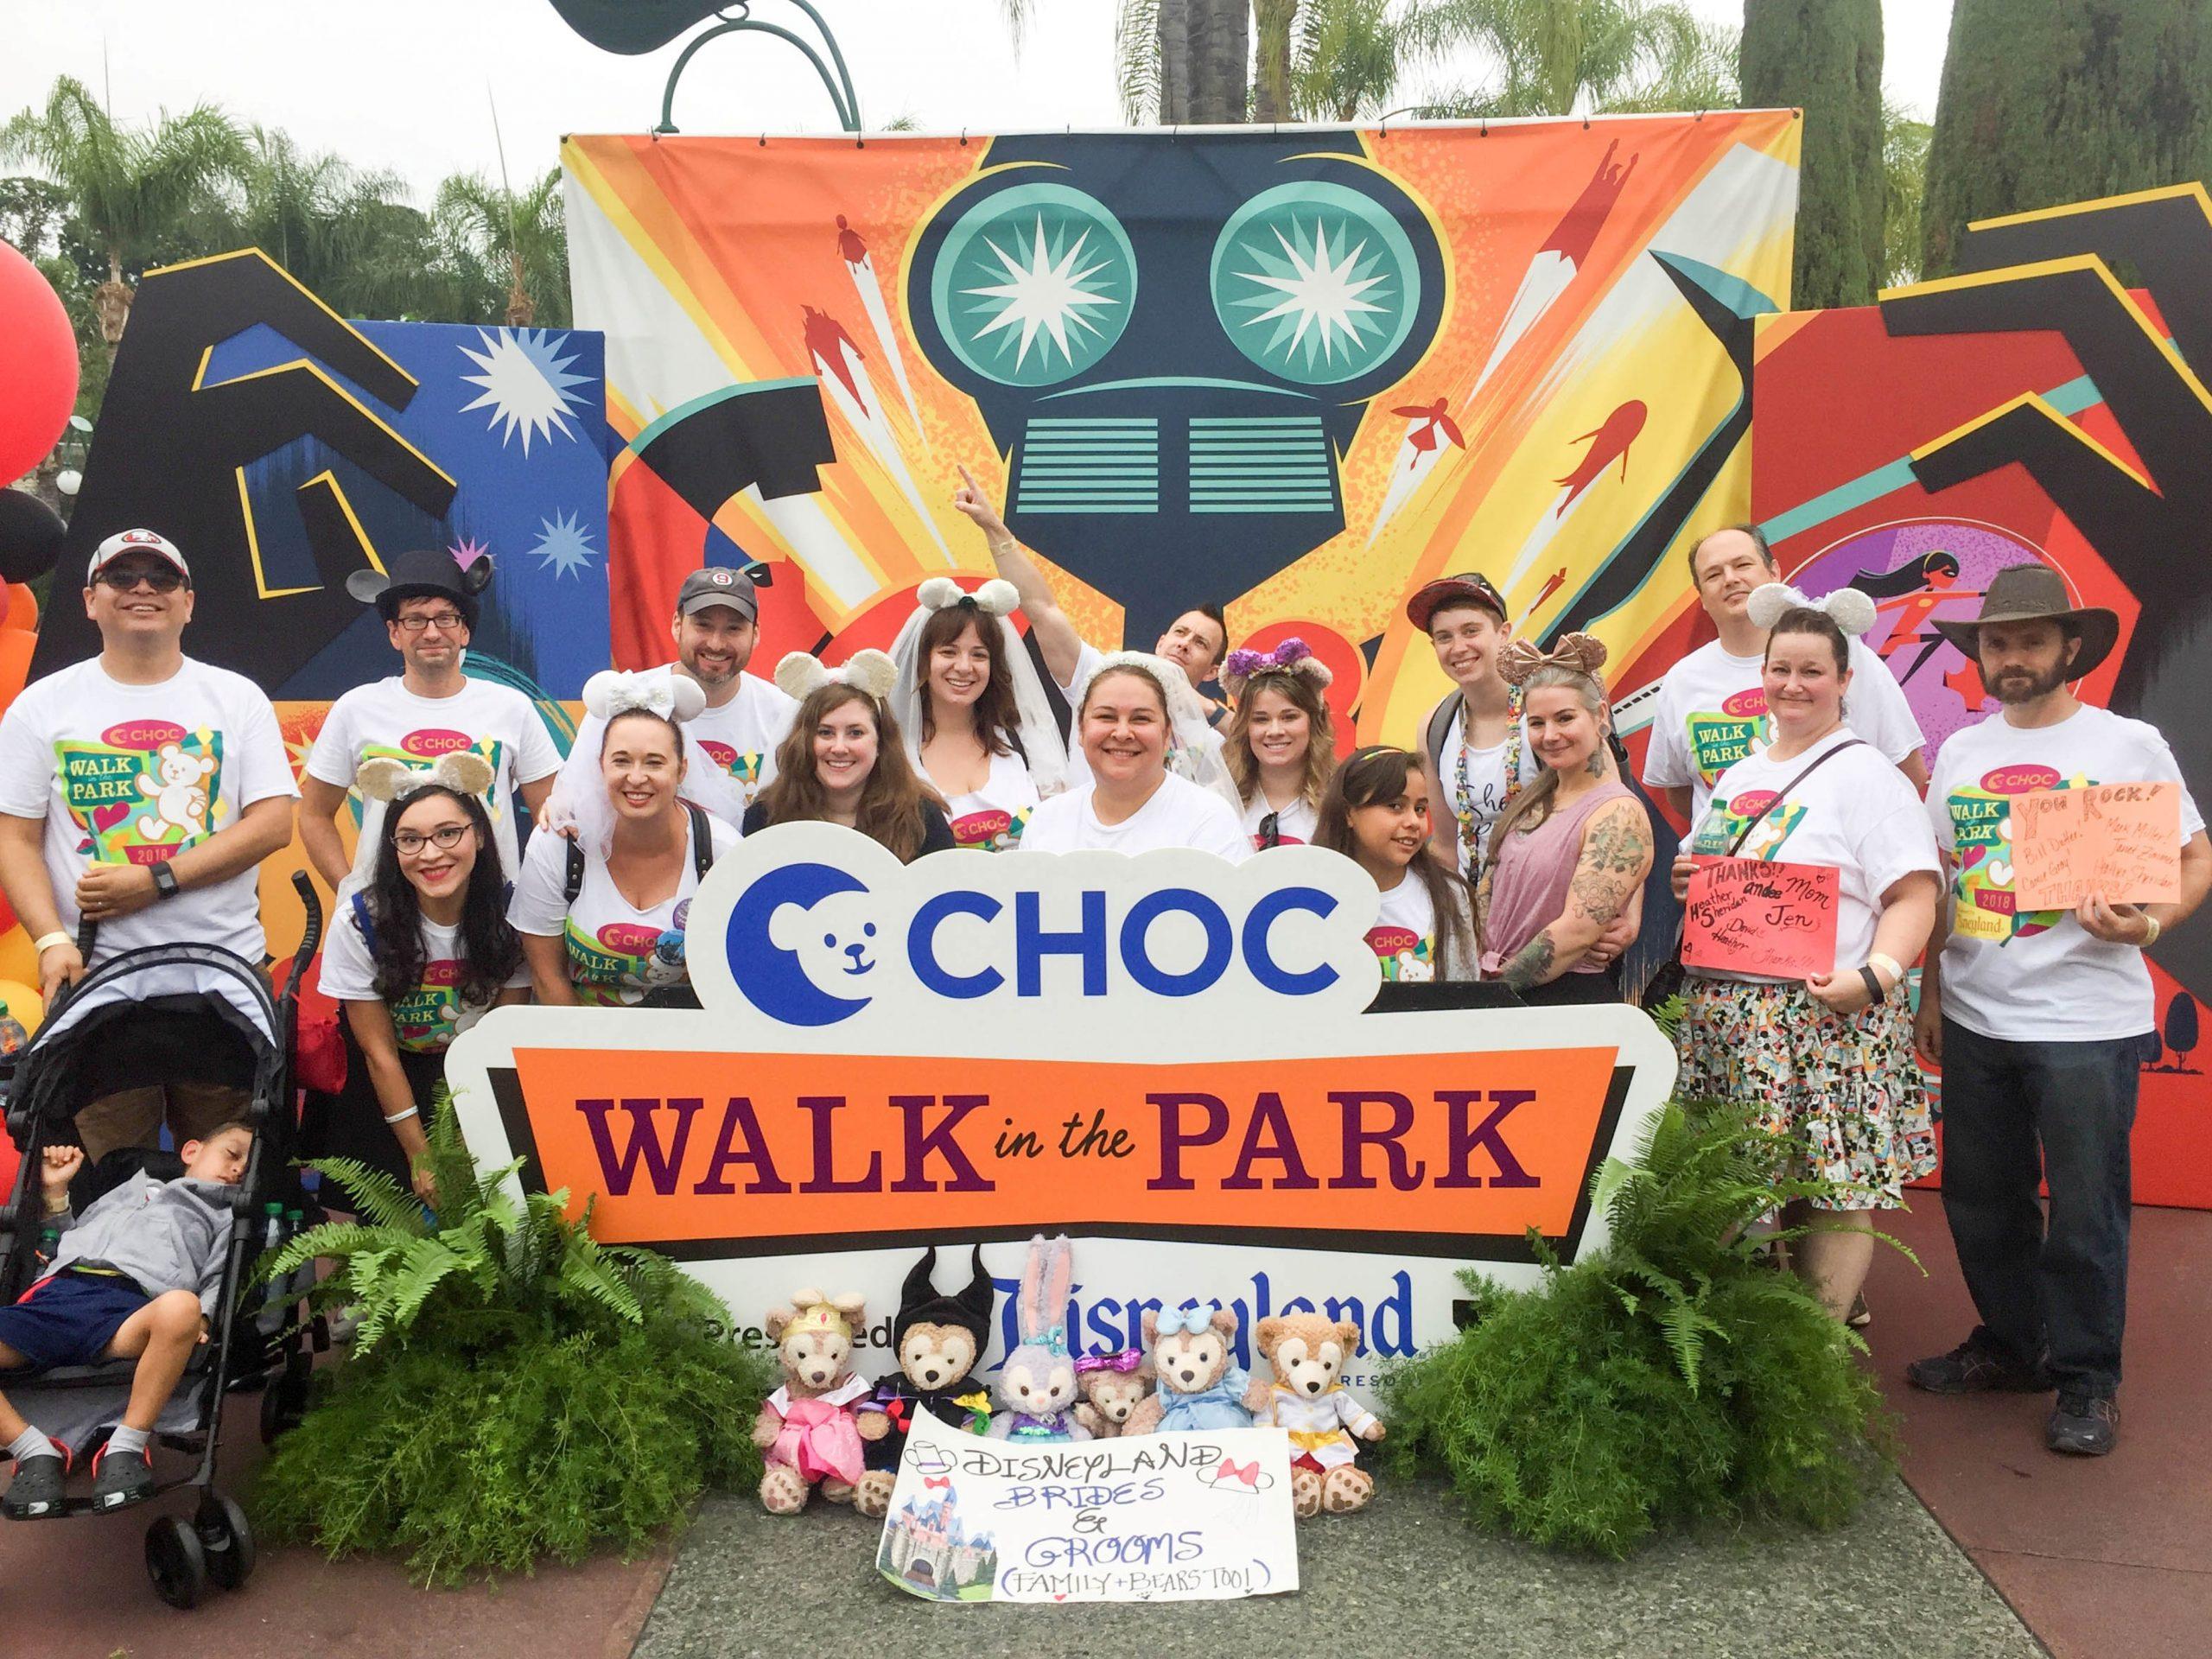 CHOC Walk in the Park 2018 Recap!